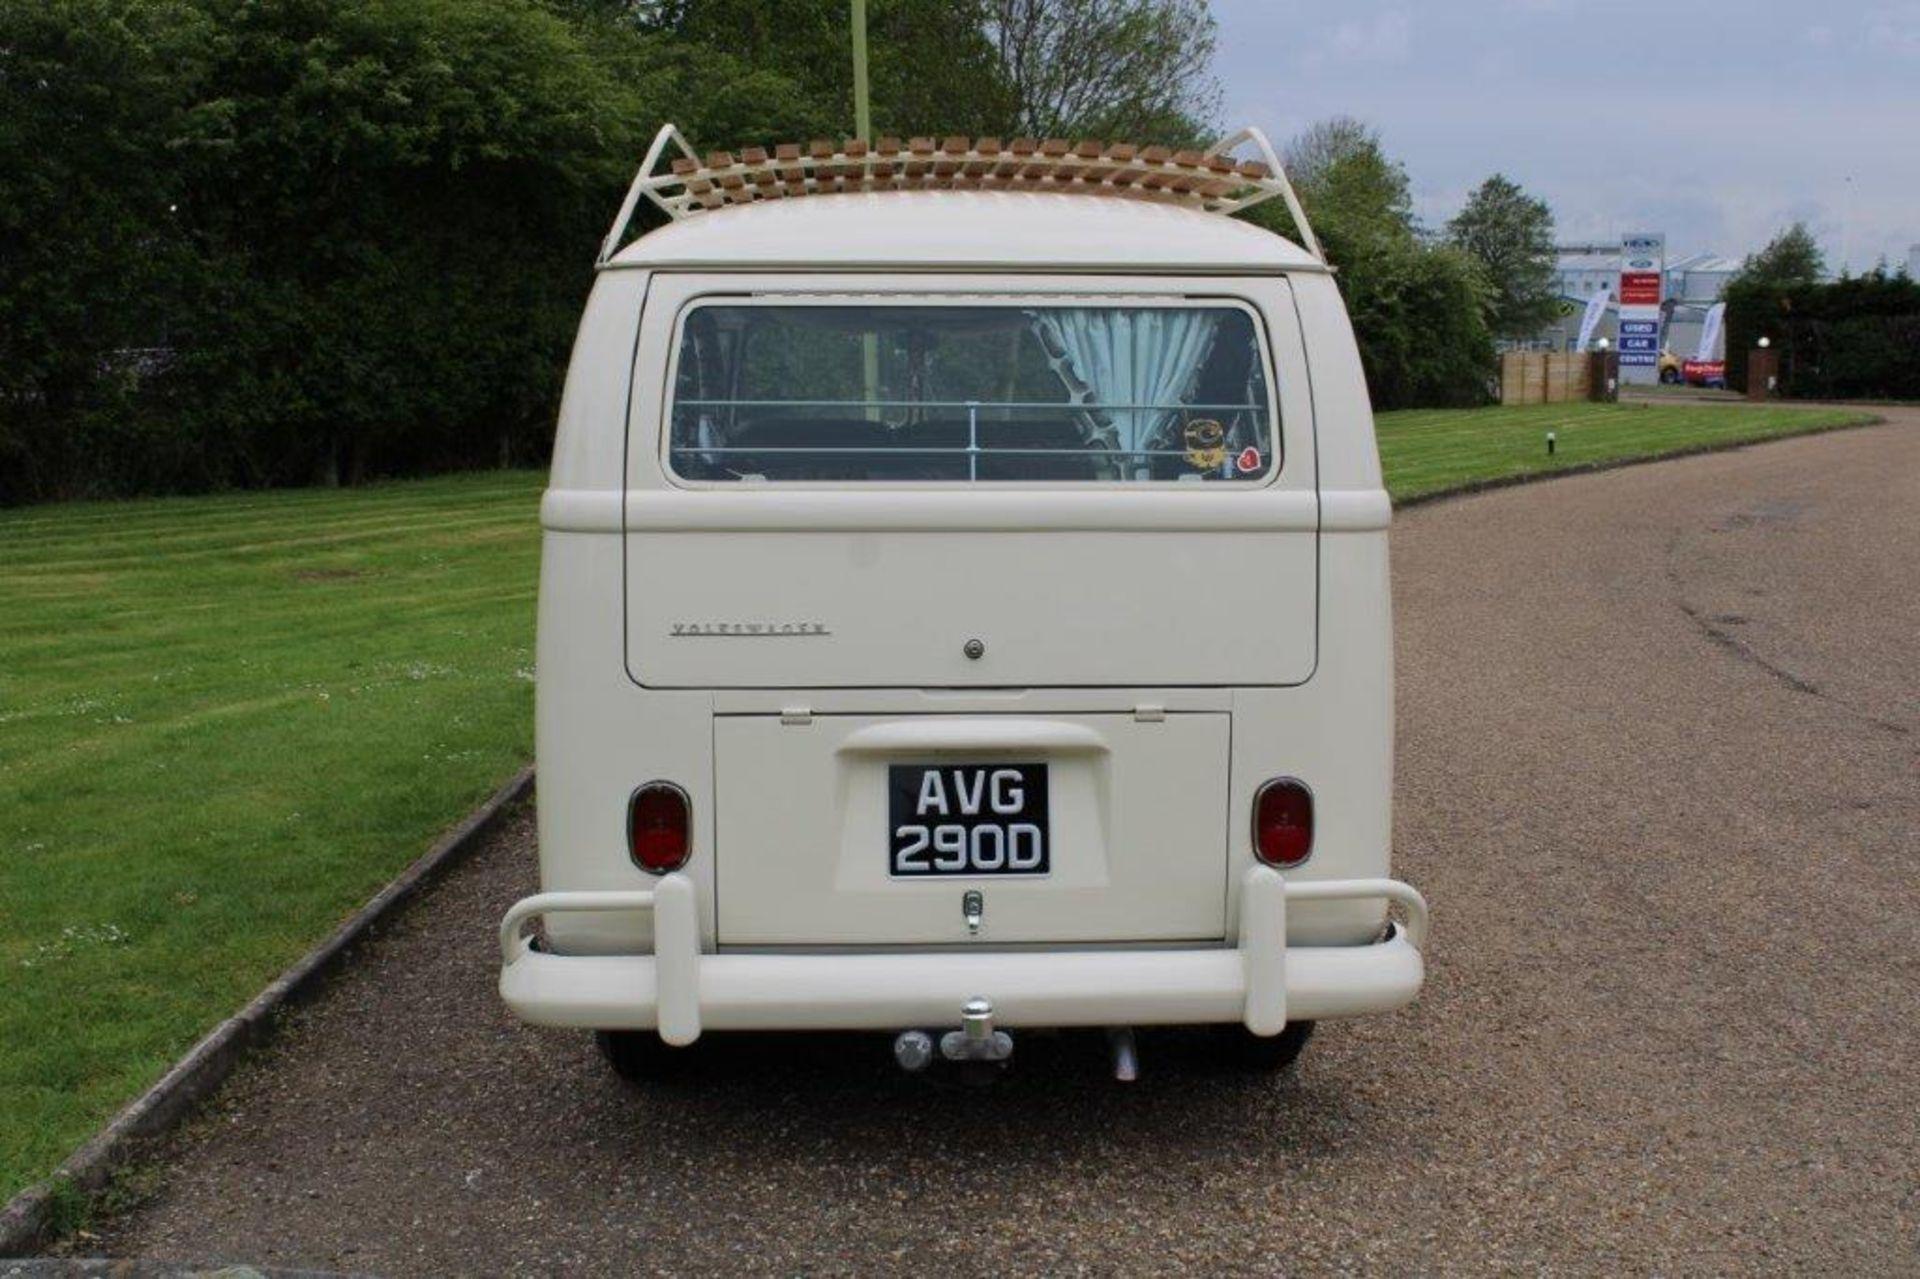 1966 Volkswagen Split Screen Camper LHD - Image 5 of 28